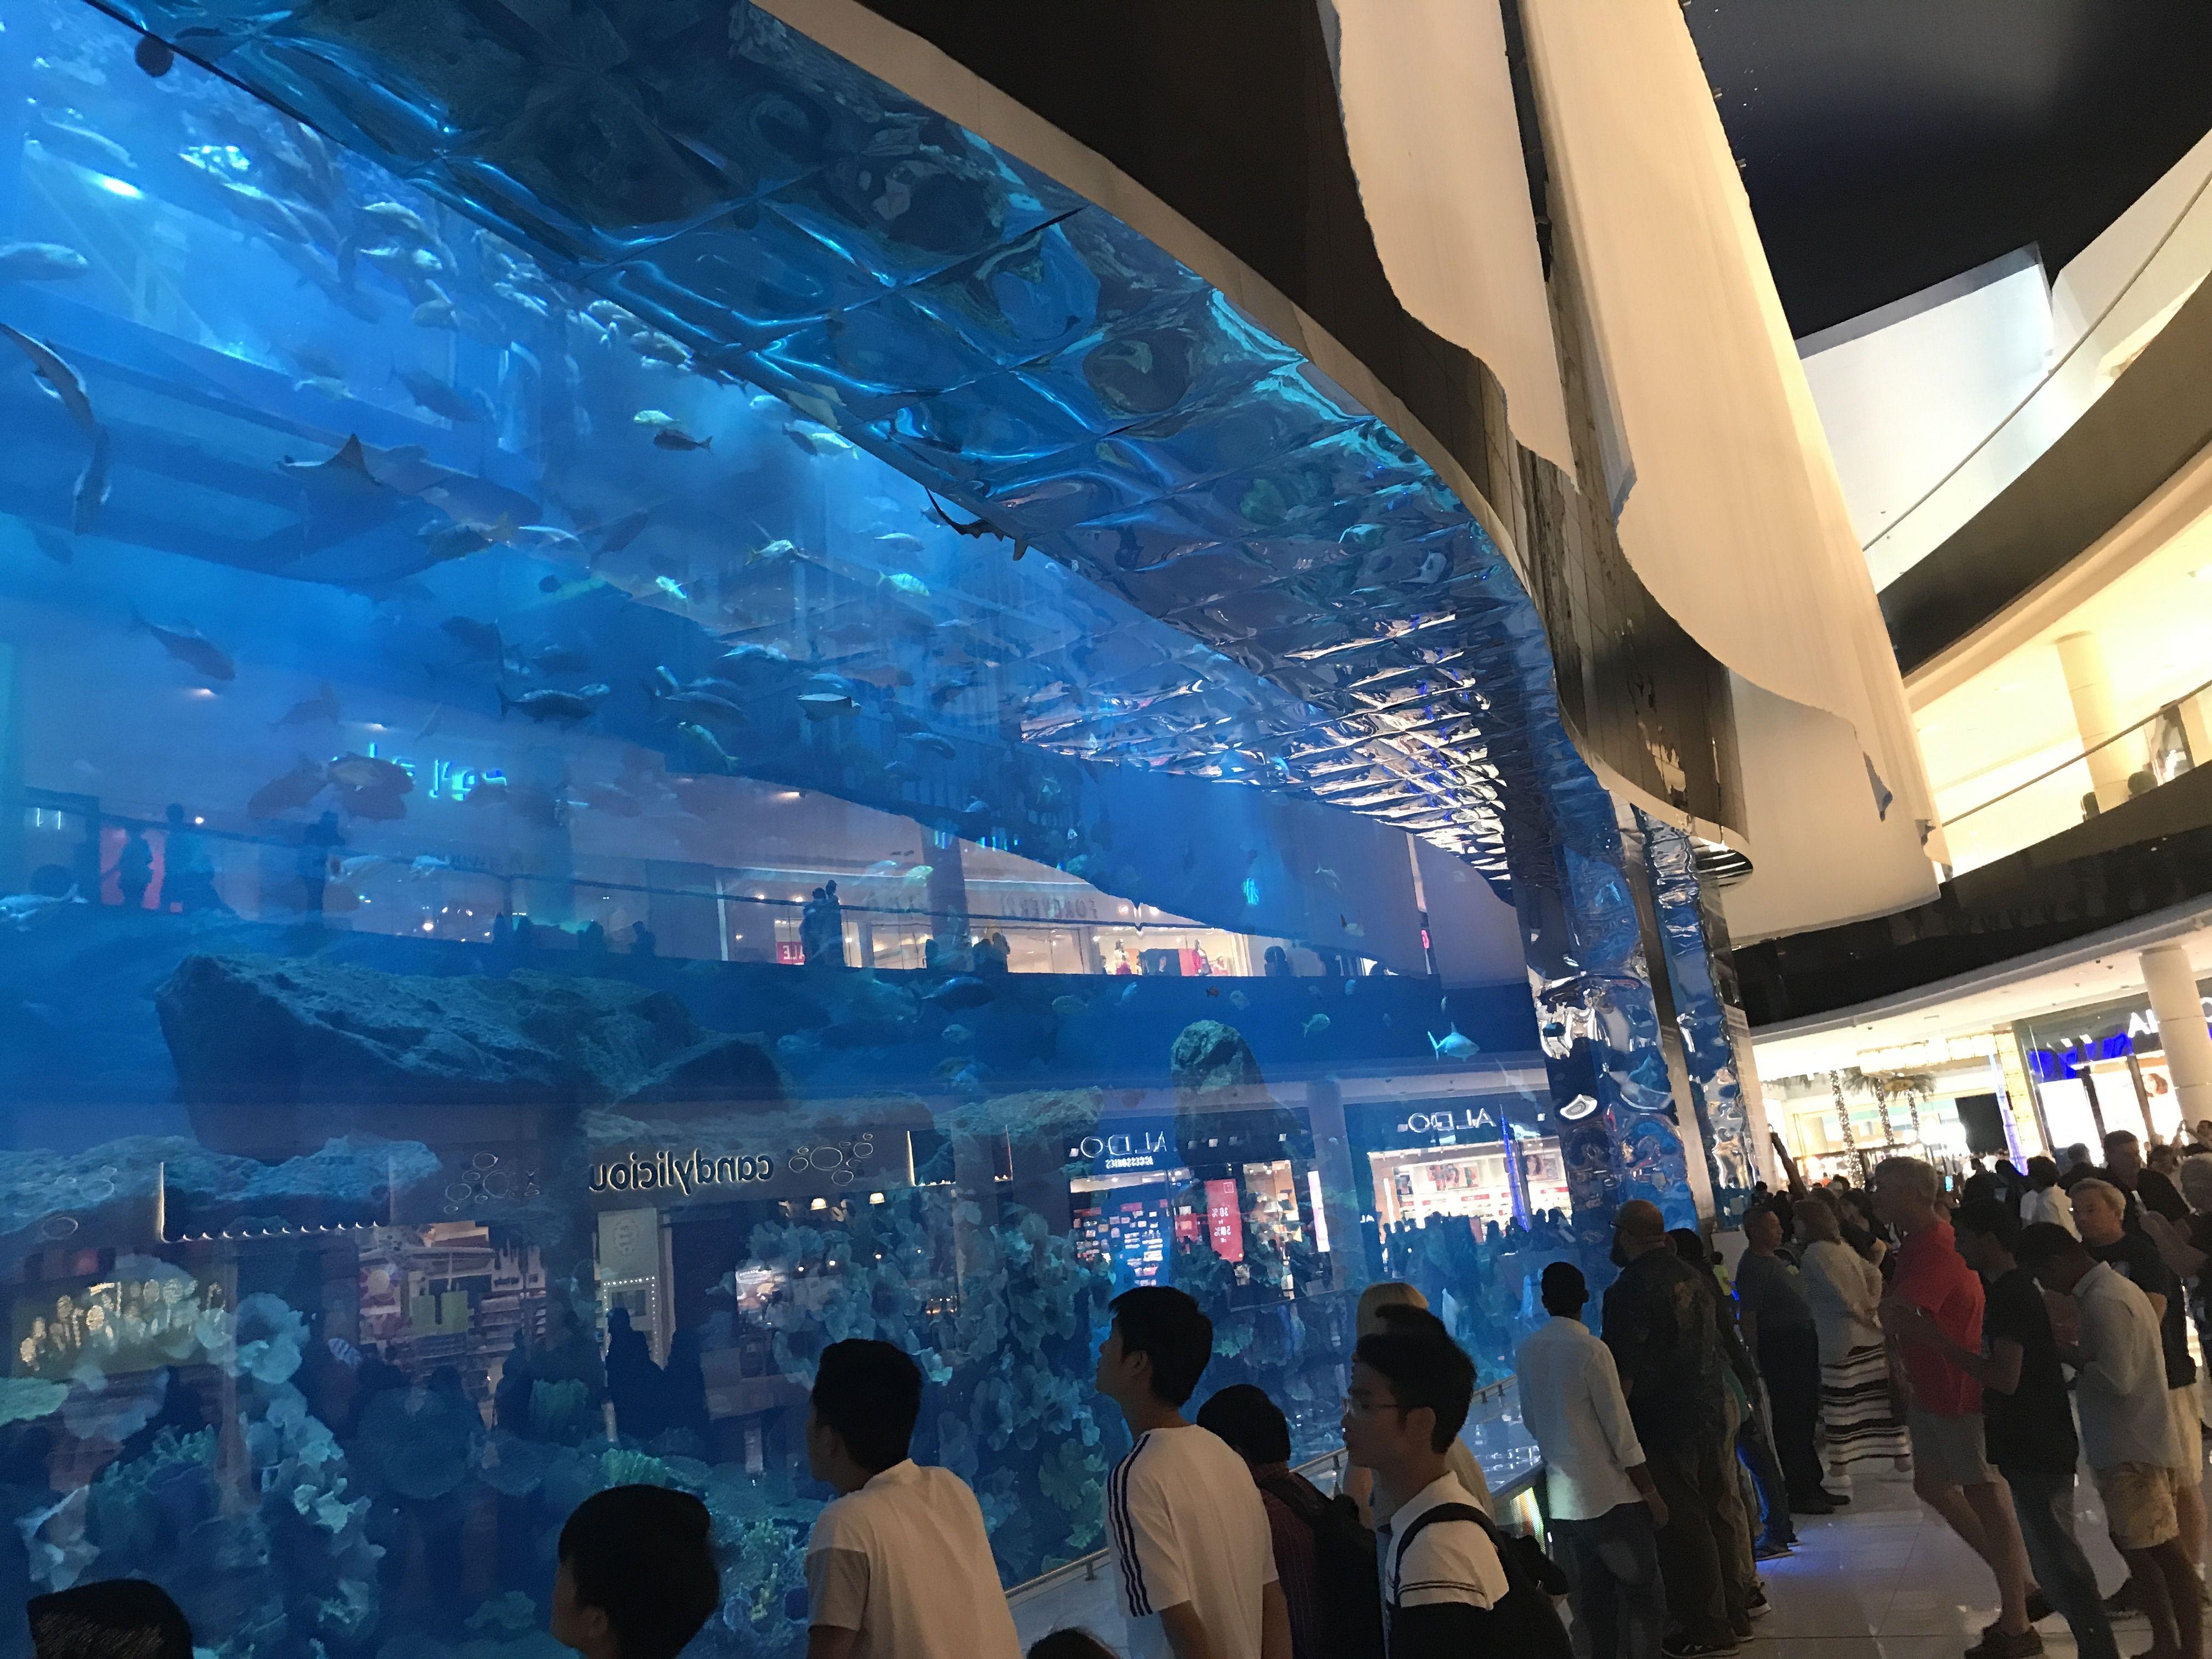 Dubai mall aquarium (With images) | Dubai mall, Dubai ...